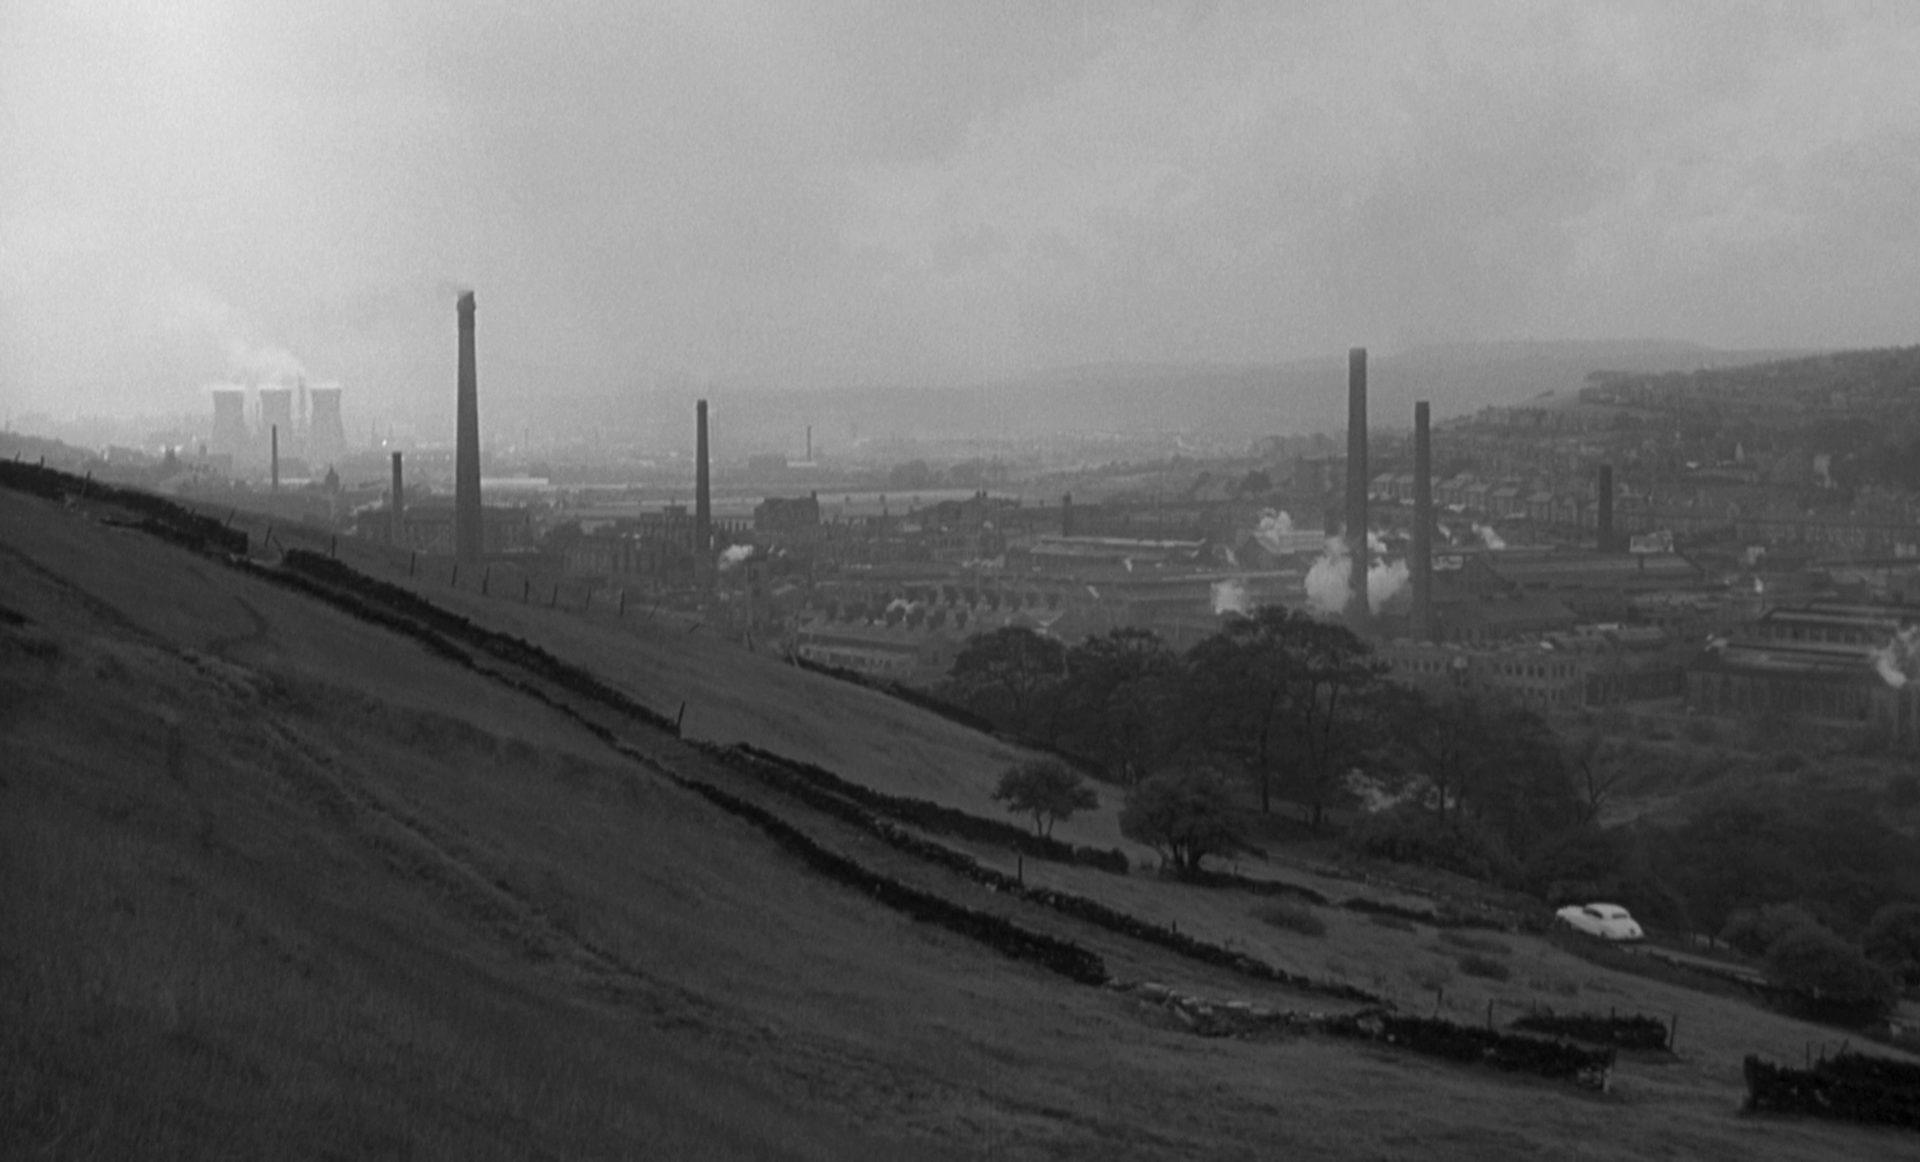 Blick von einem Hang am Stadtrand aus auf eine Industriestadt, aus der einige Fabrikschornsteine herausragen.